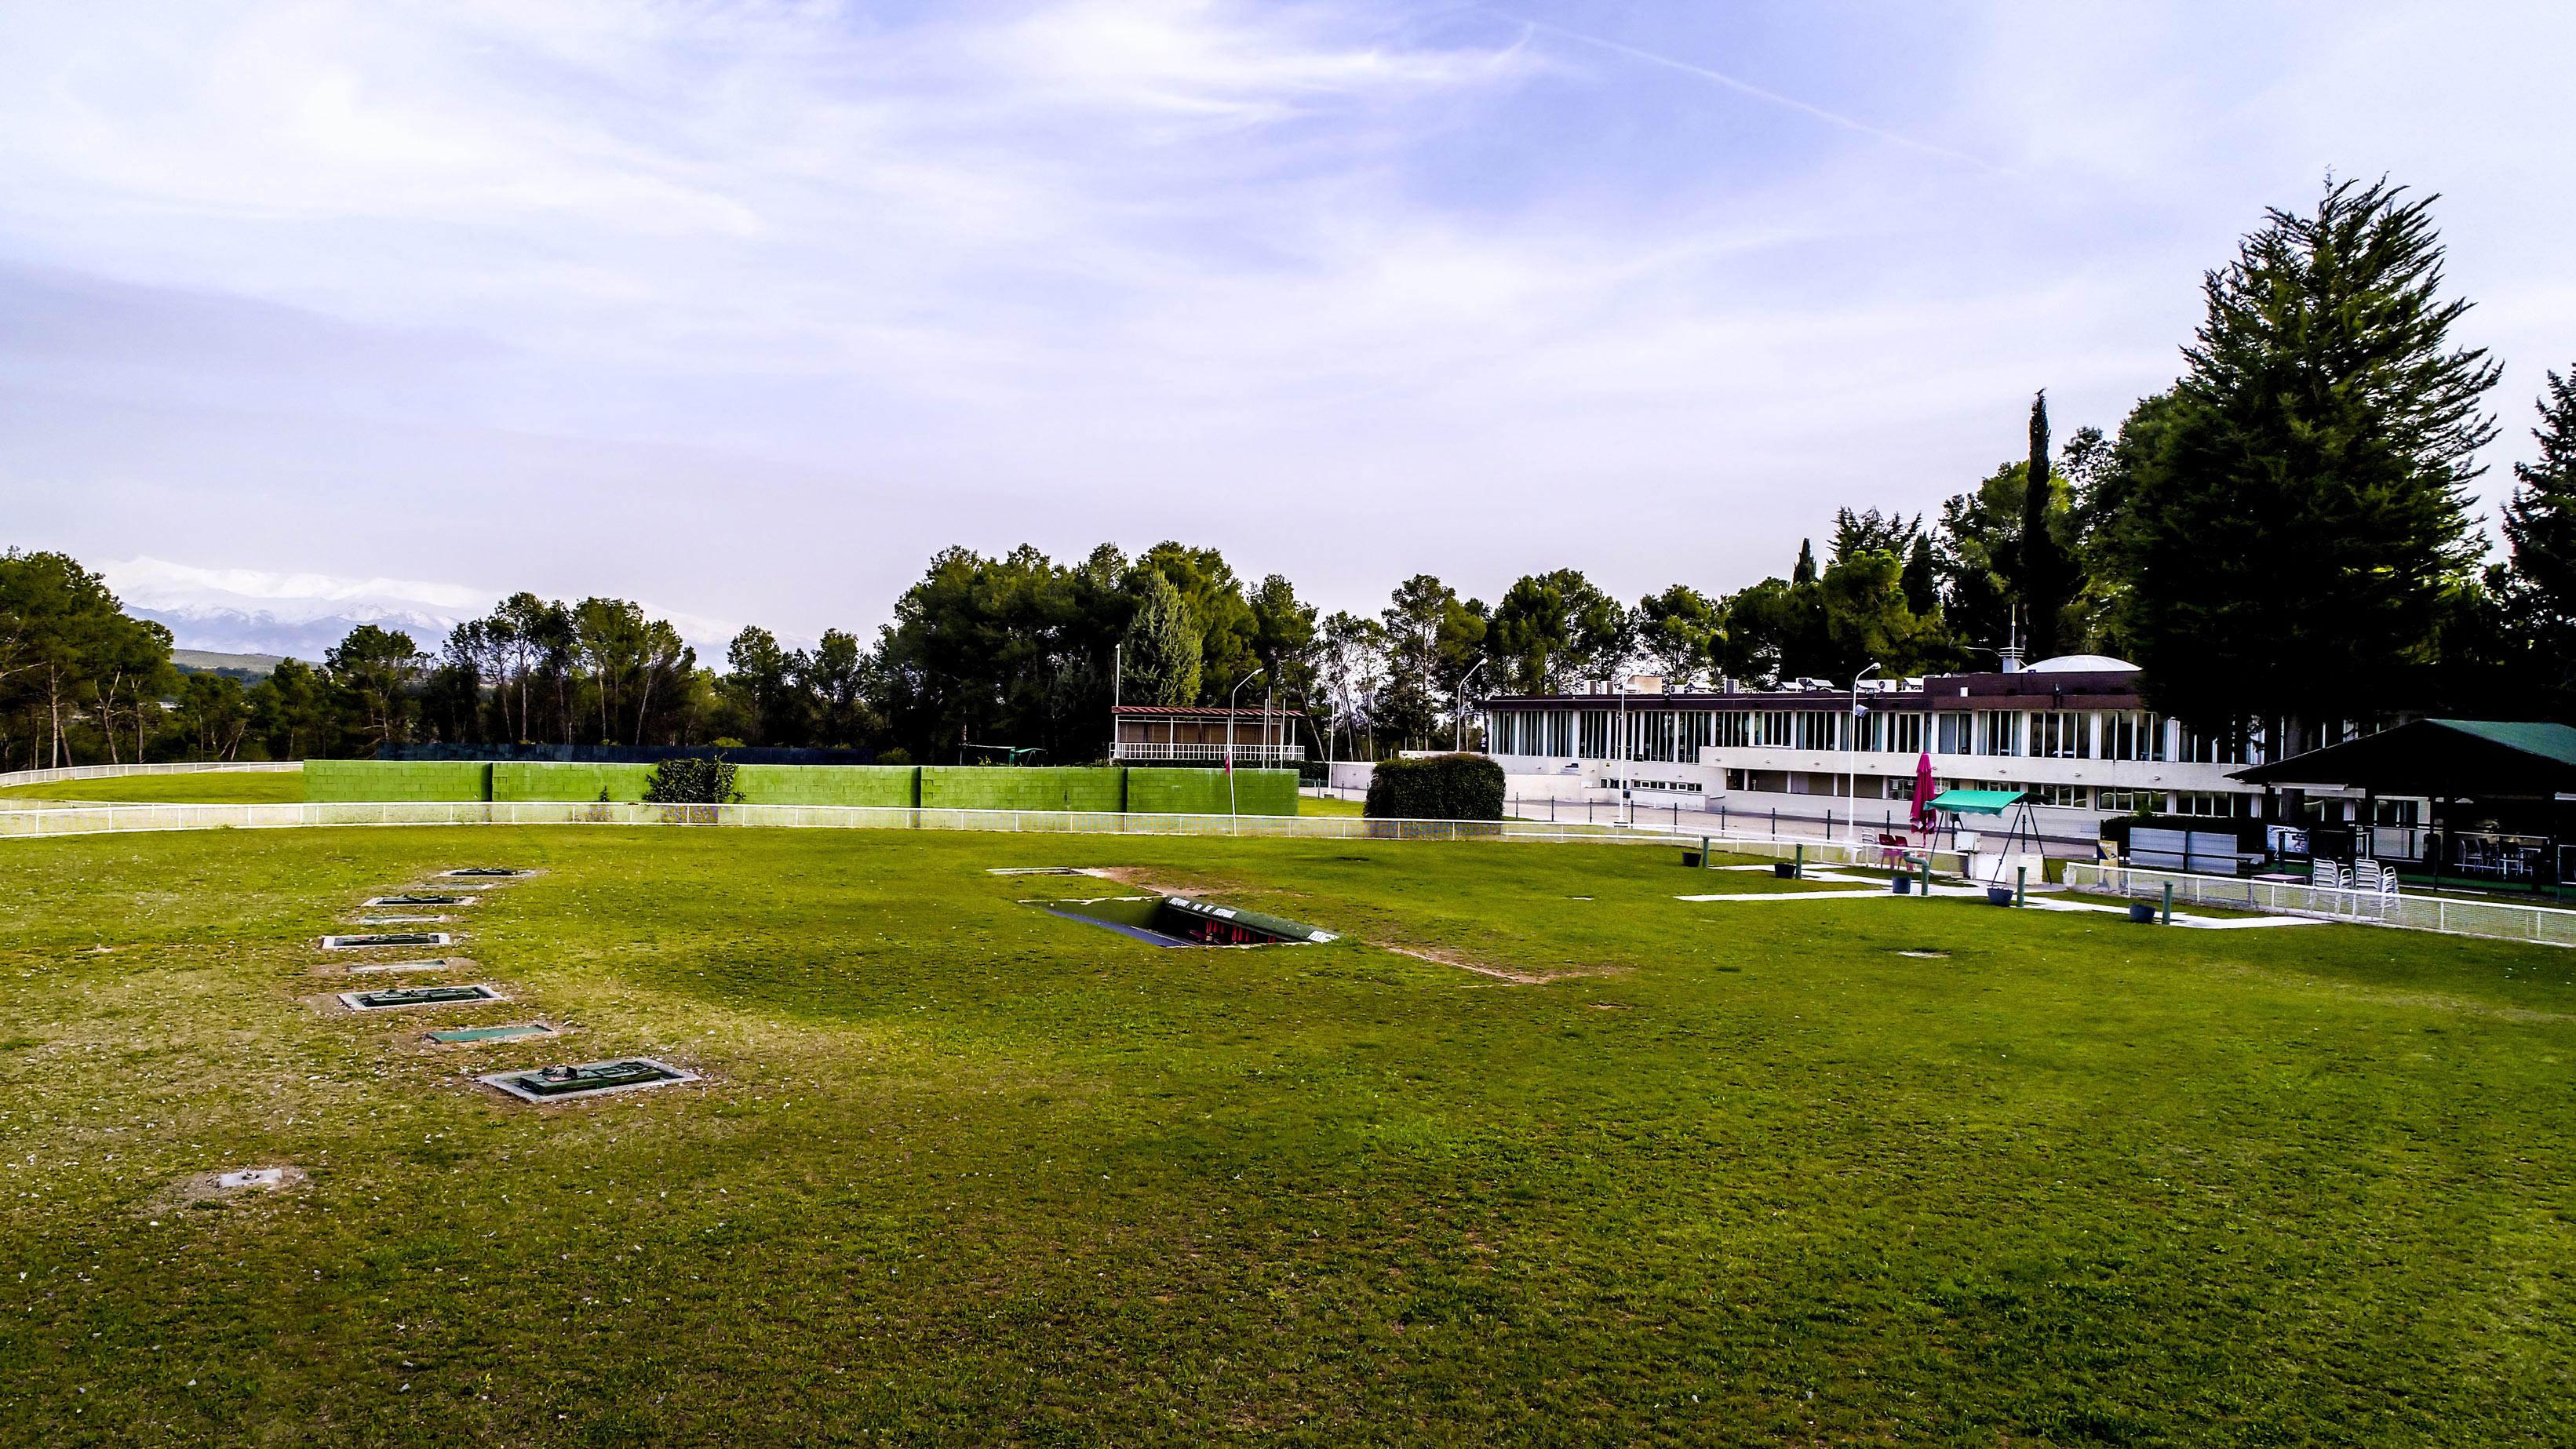 Cancha de Tiro de hélices de la Real Sociedad de Tiro de Granada